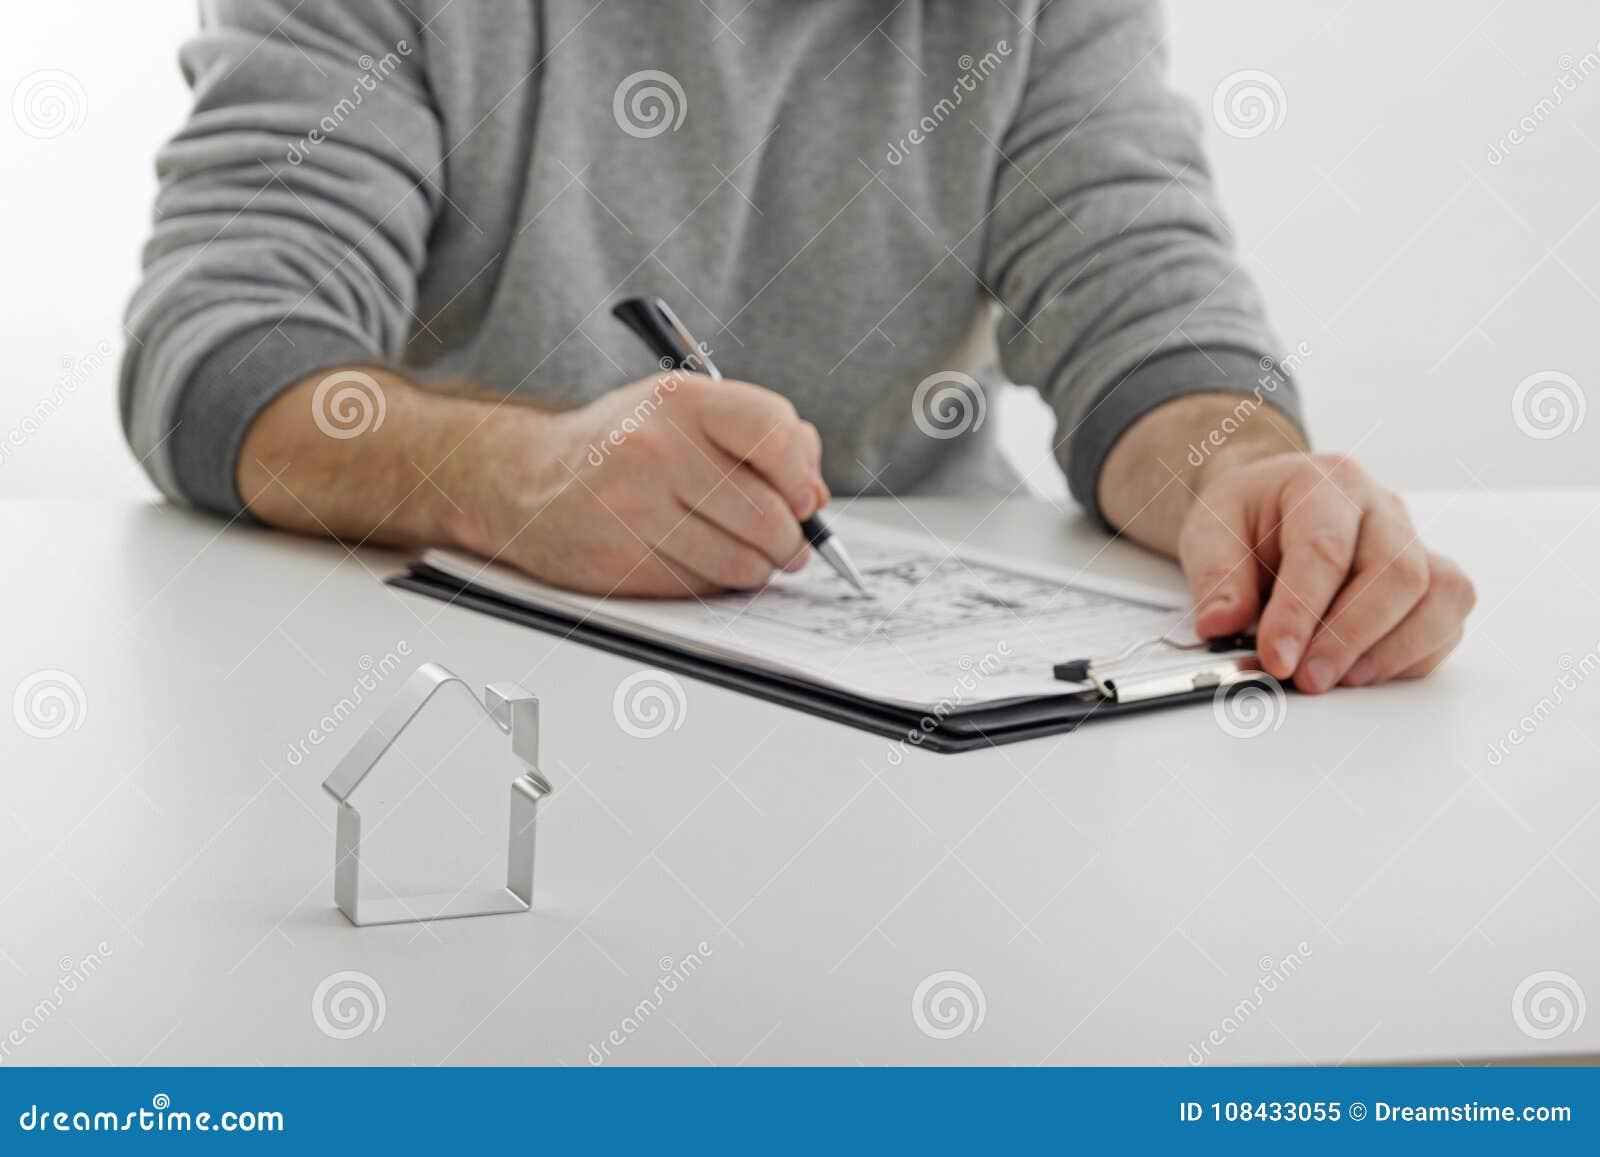 Casas de las propiedades inmobiliarias?, planos para la venta o para el alquiler Venta de las propiedades inmobiliarias, firmando